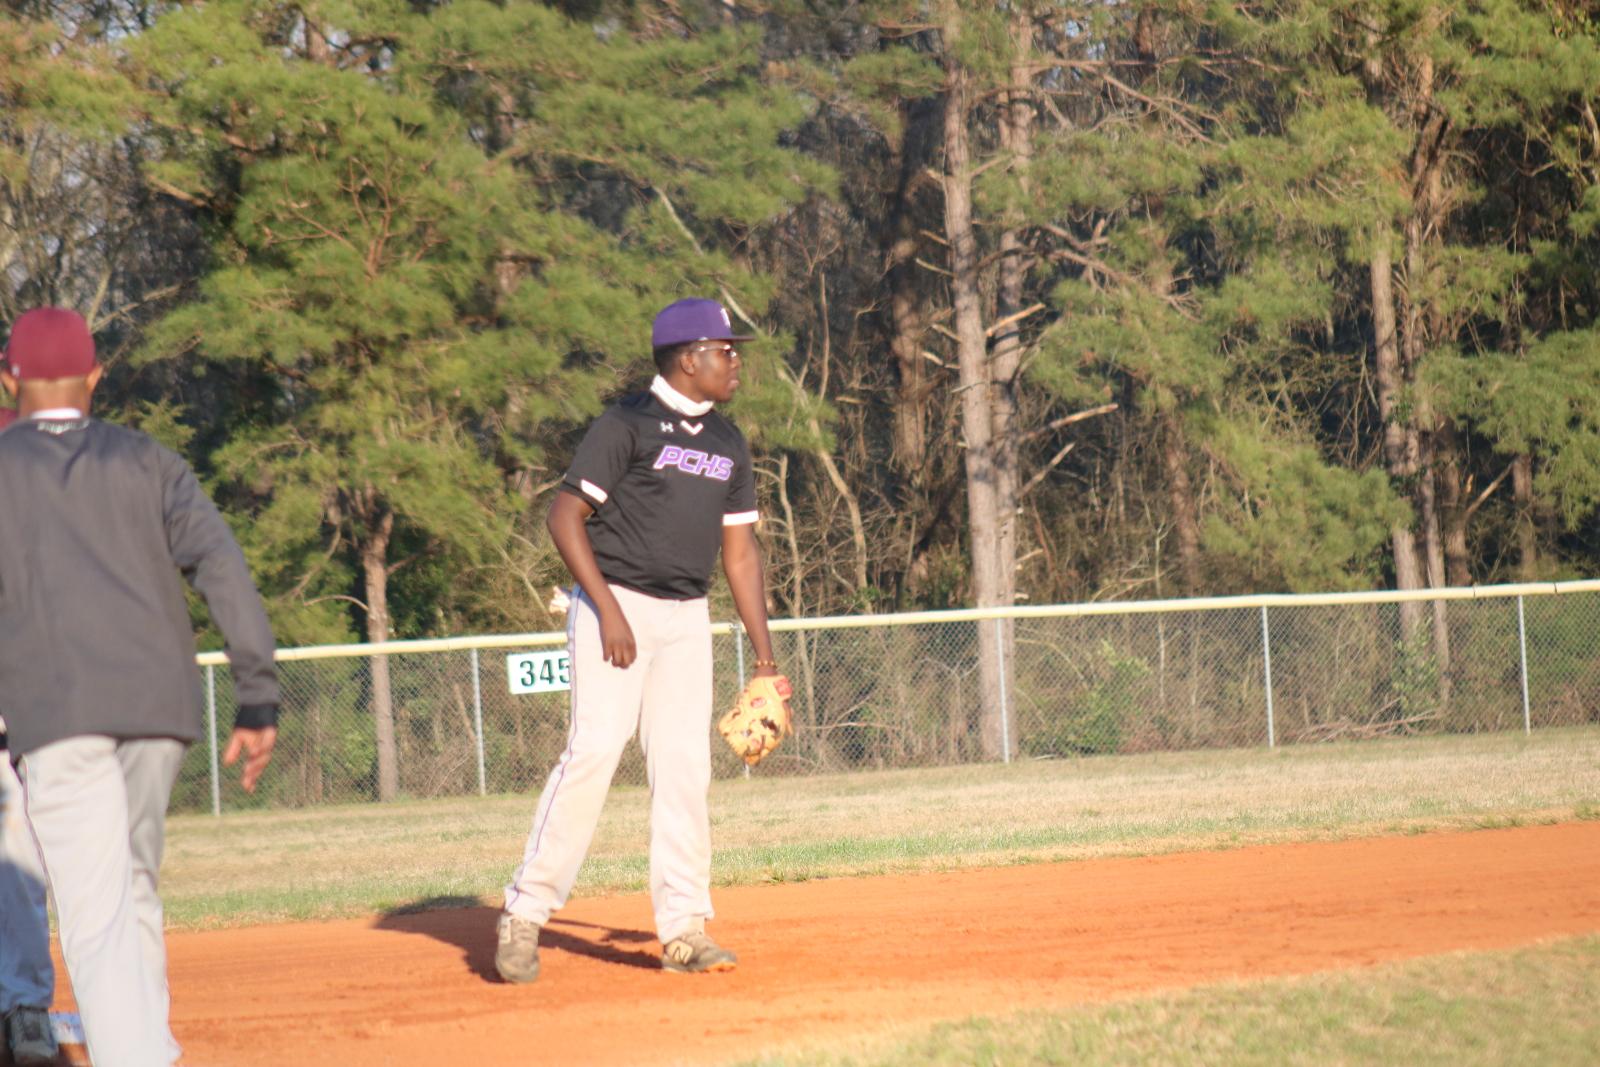 PCHS baseball vs Abbeville (part 1)